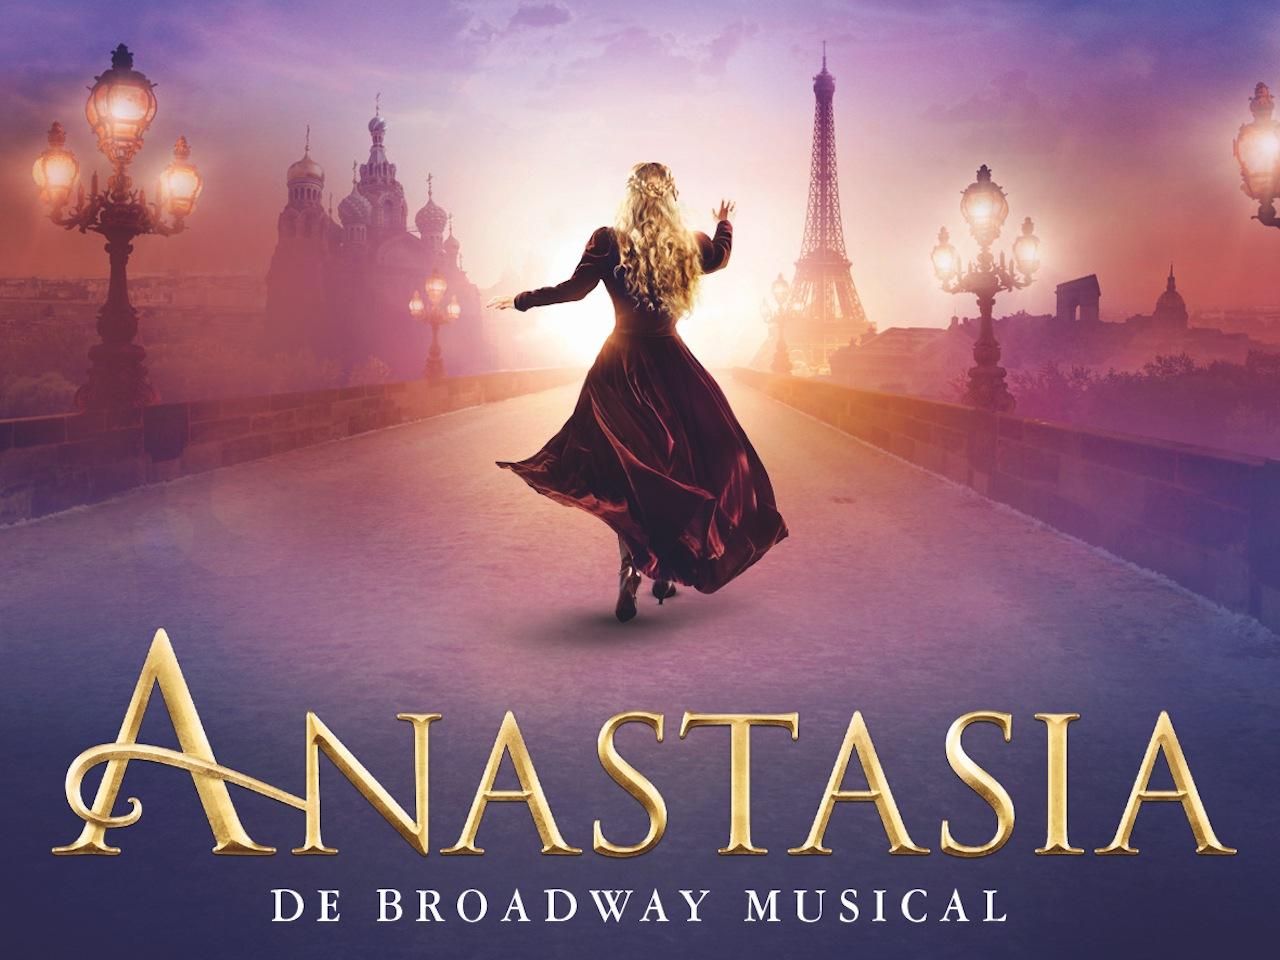 Broadway musical 'Anastasia' naar AFAS Circustheater in Scheveningen